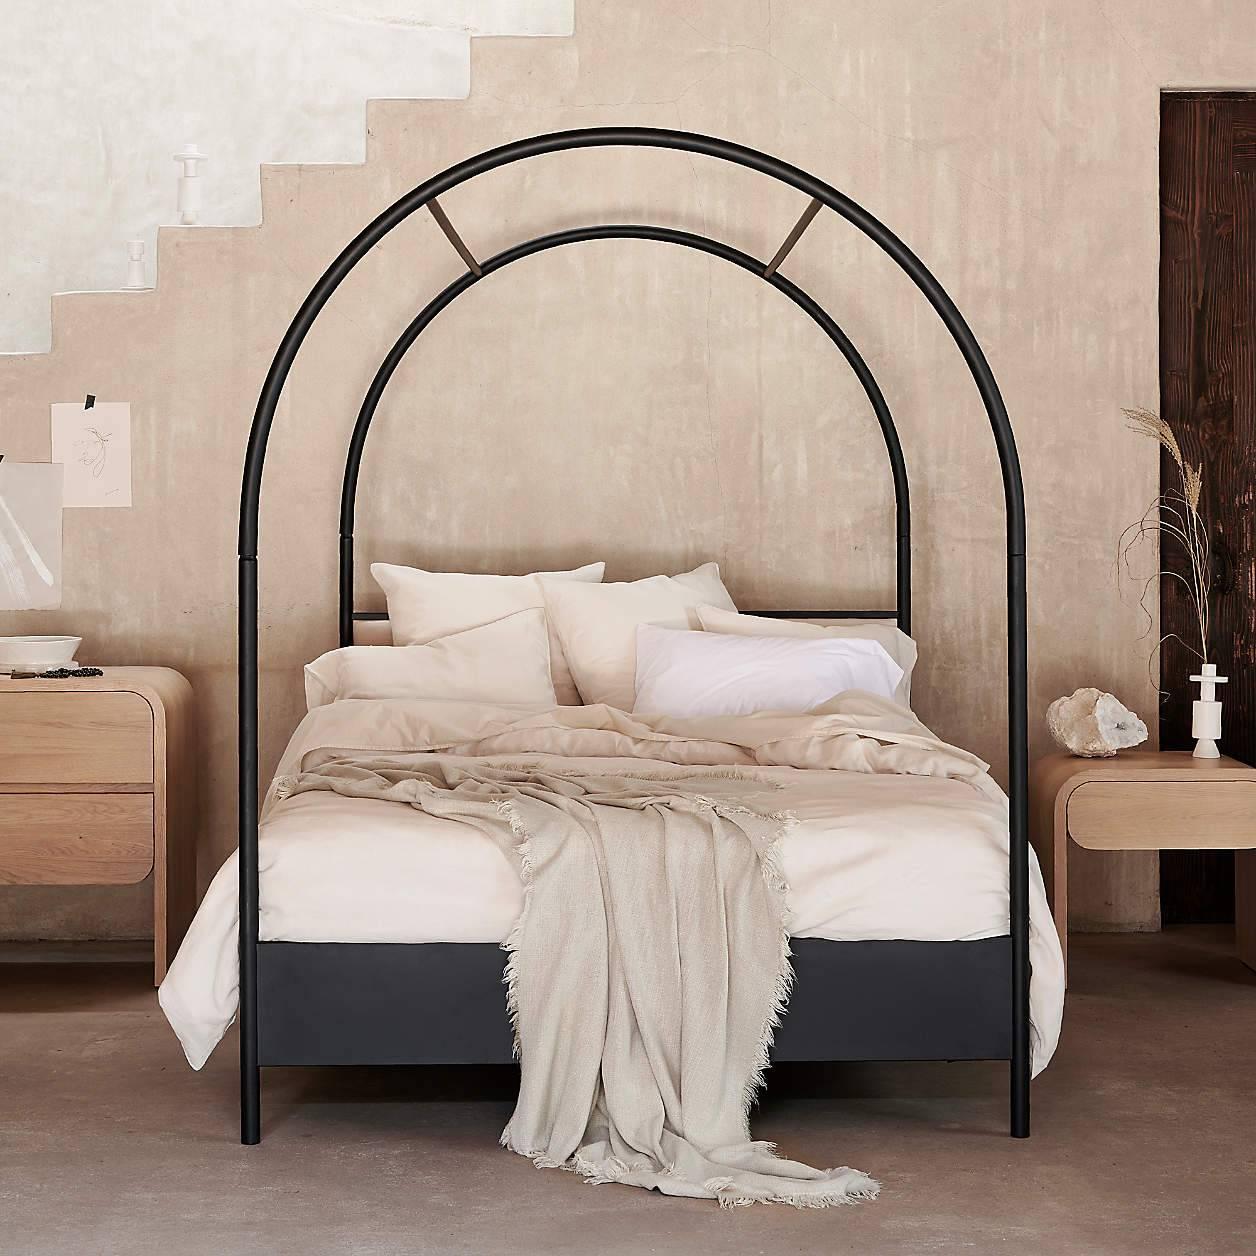 Linen Bedding Modern Boho Beige Bedroom with Bed Frame